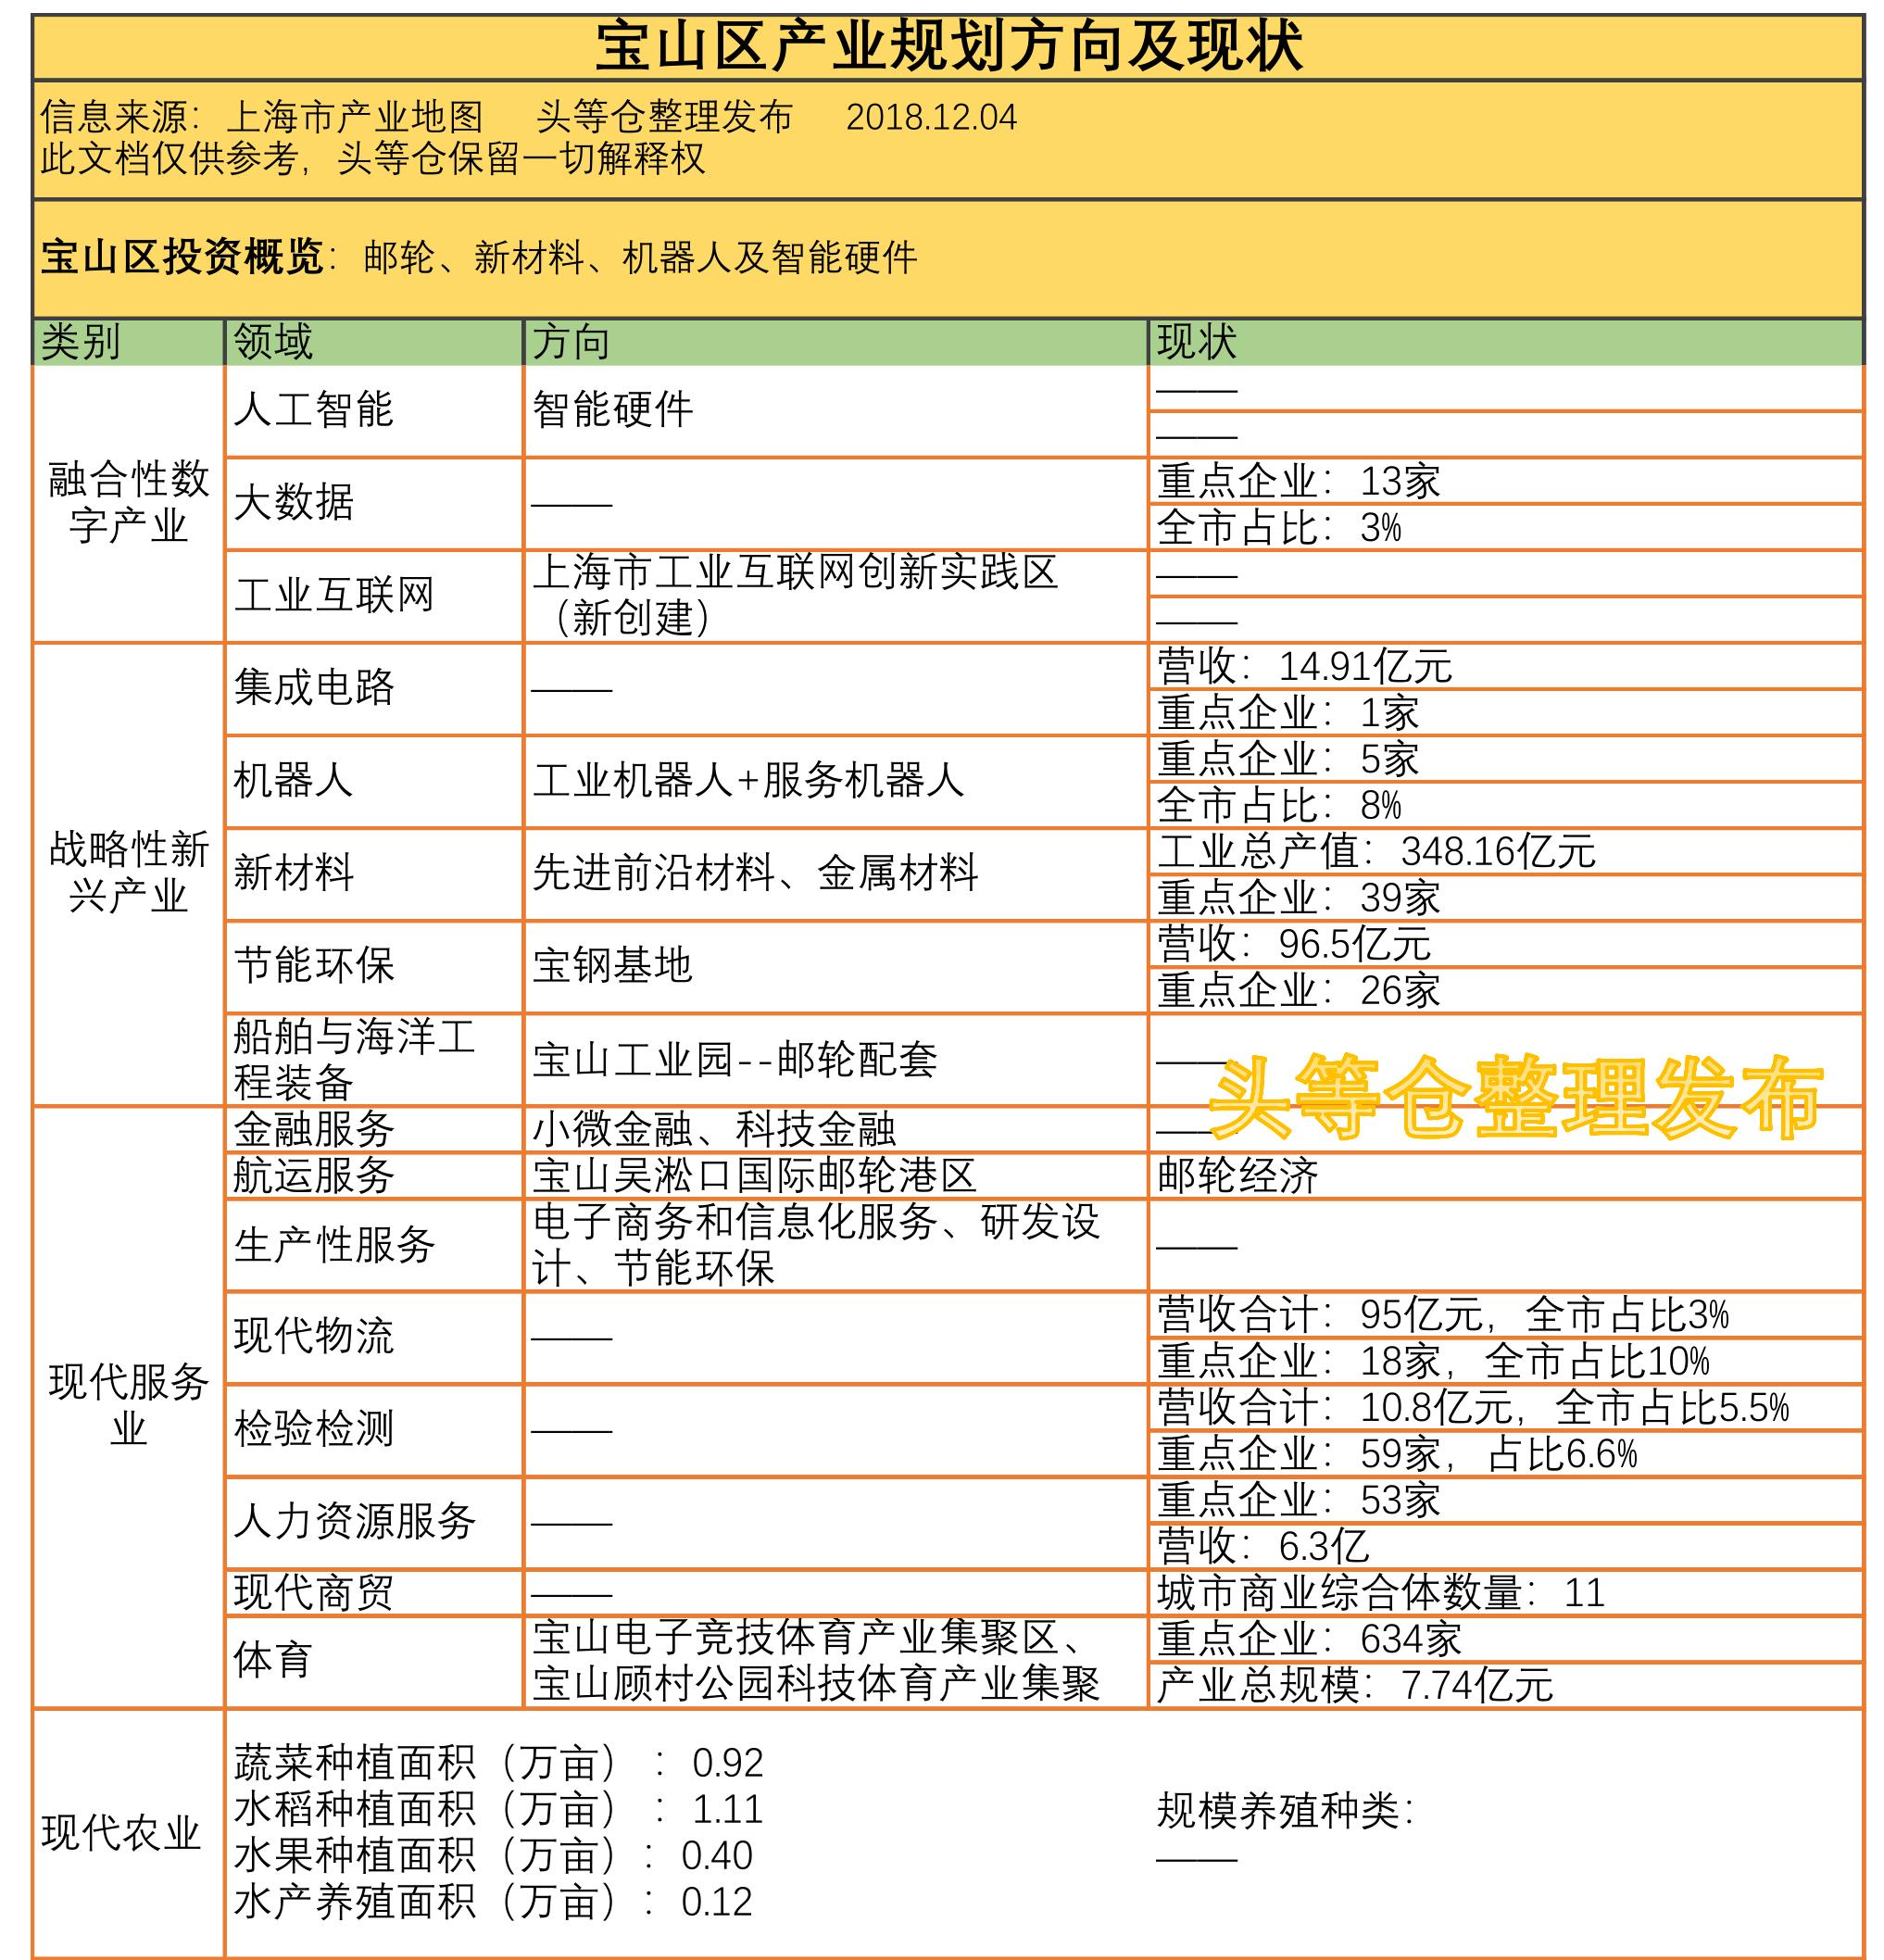 上海产业地图宝山